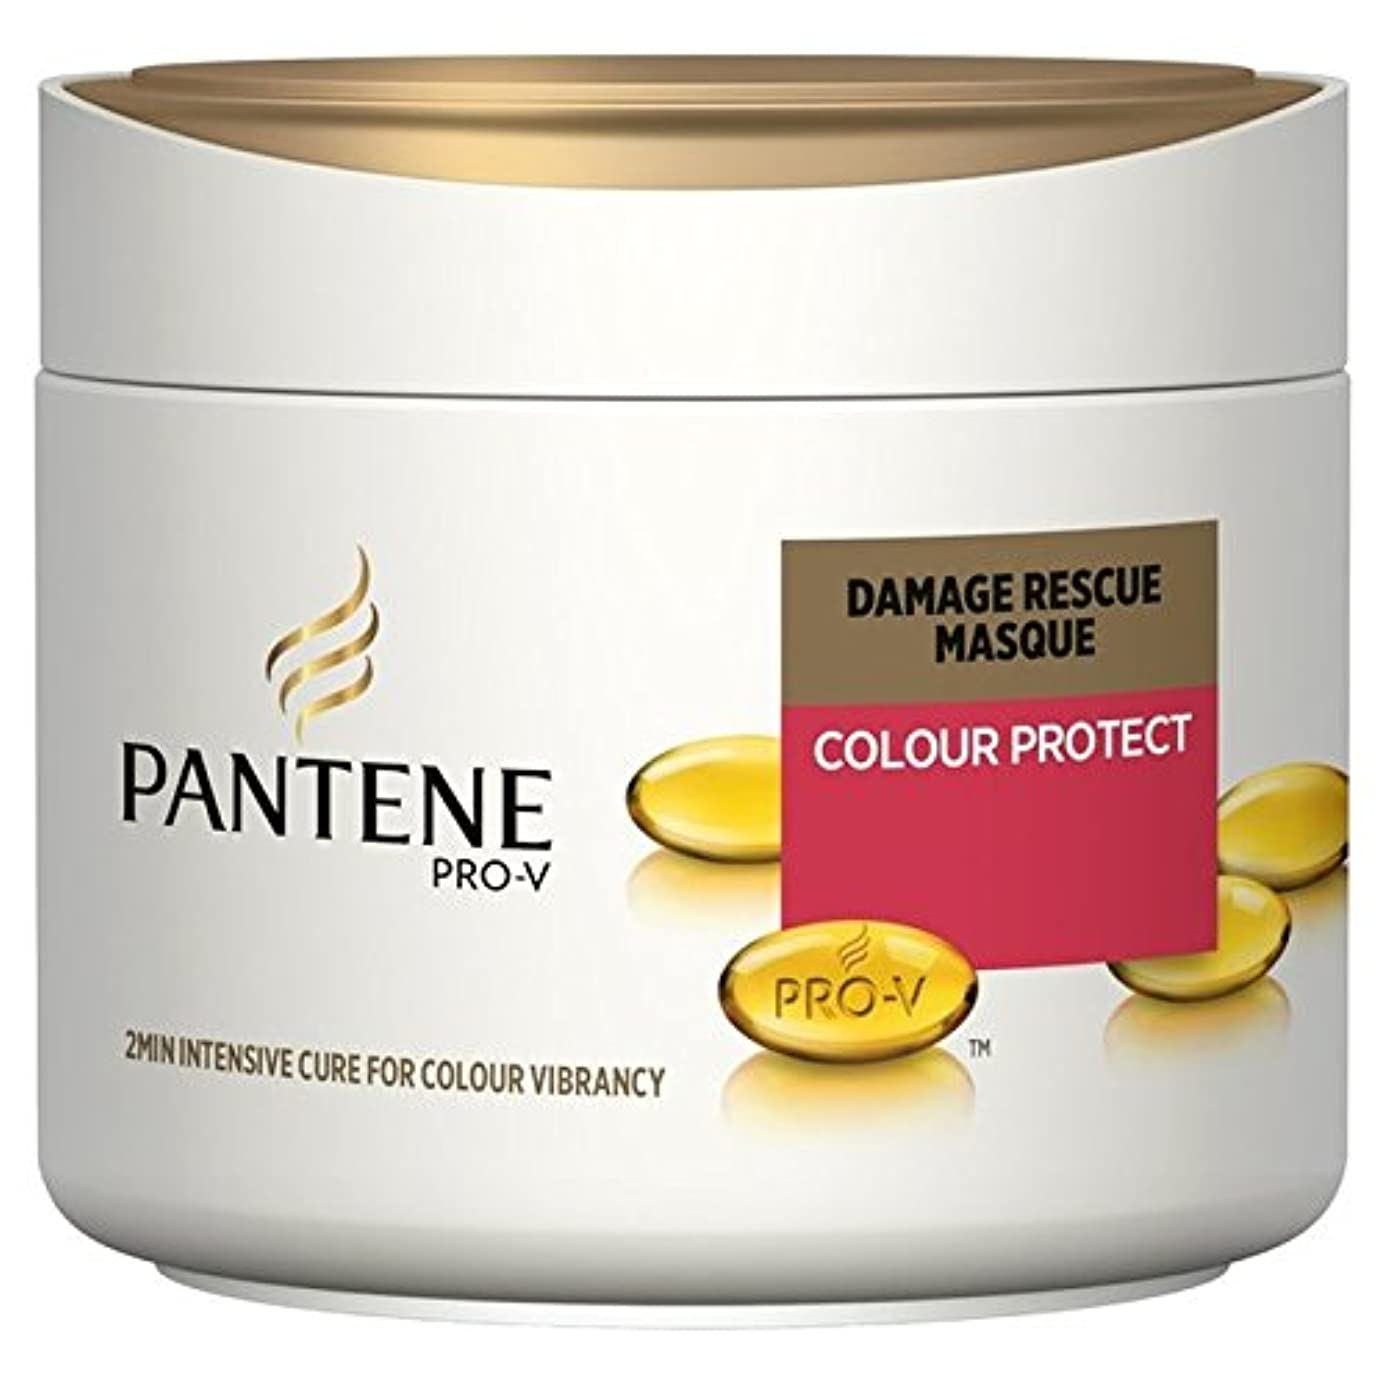 療法悪性腫瘍花束Pantene 2min Colour Protect Damage Rescue Masque 300ml (Pack of 6) - パンテーンの2分の色が損傷レスキュー仮面の300ミリリットルを保護します x6 [並行輸入品]